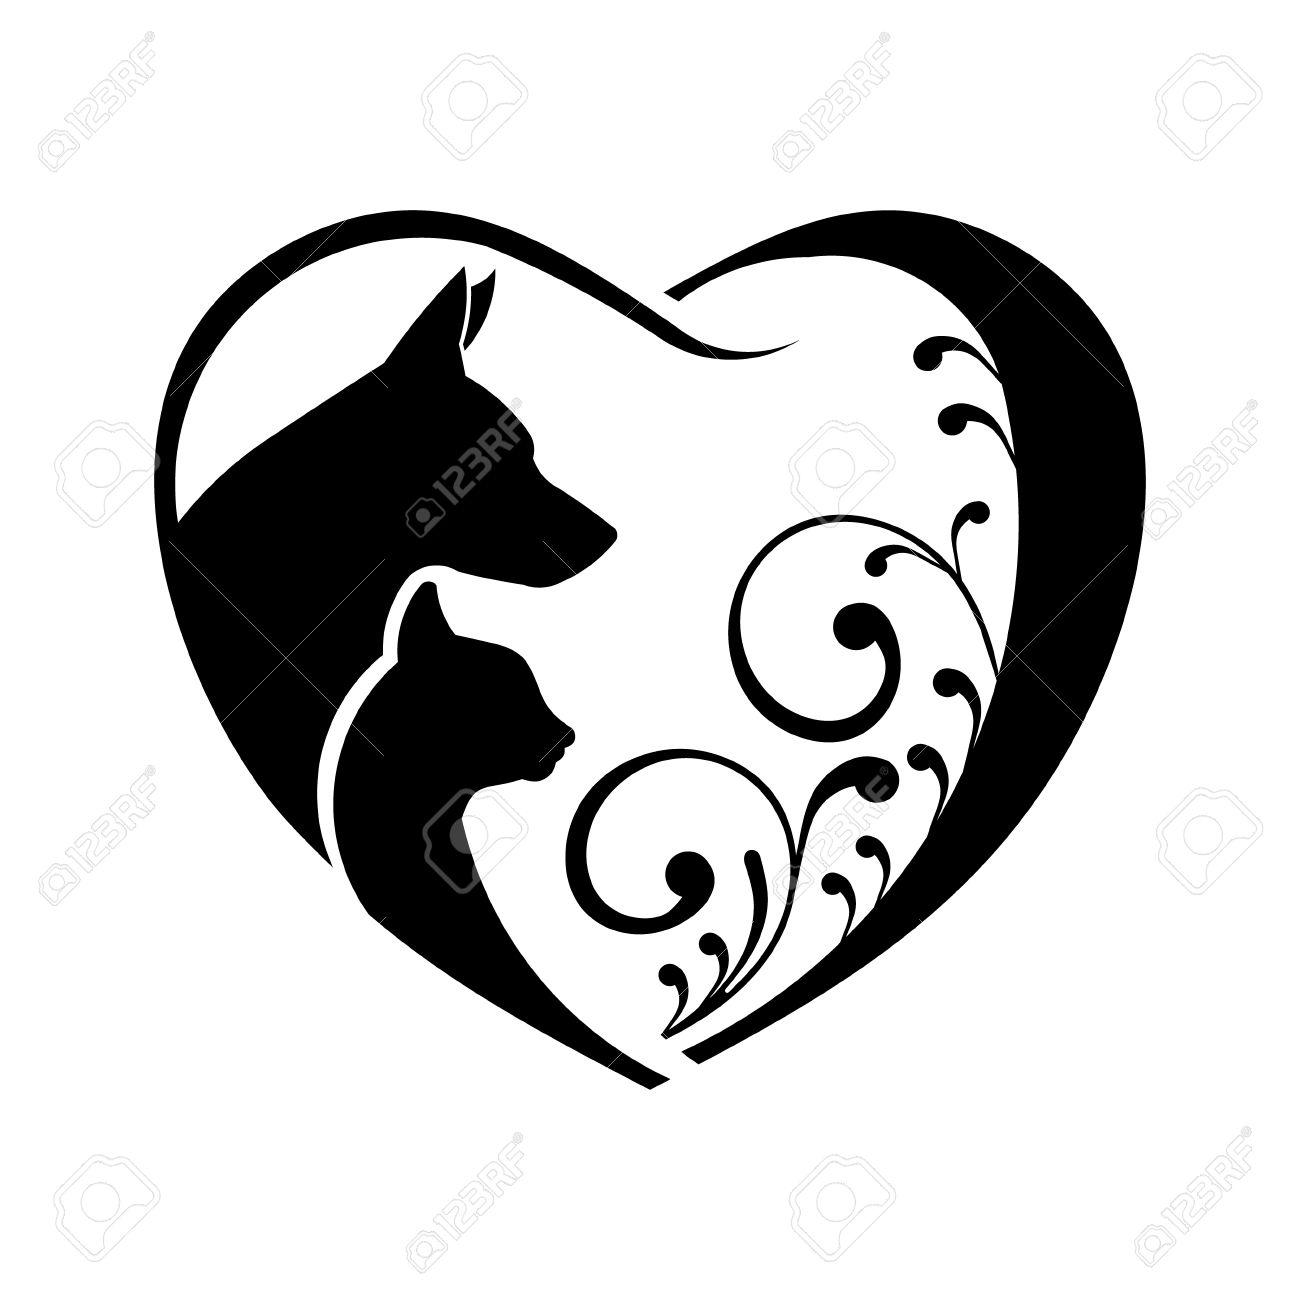 Dog and Cat love heart. Vector graphic Archivio Fotografico - 51423279